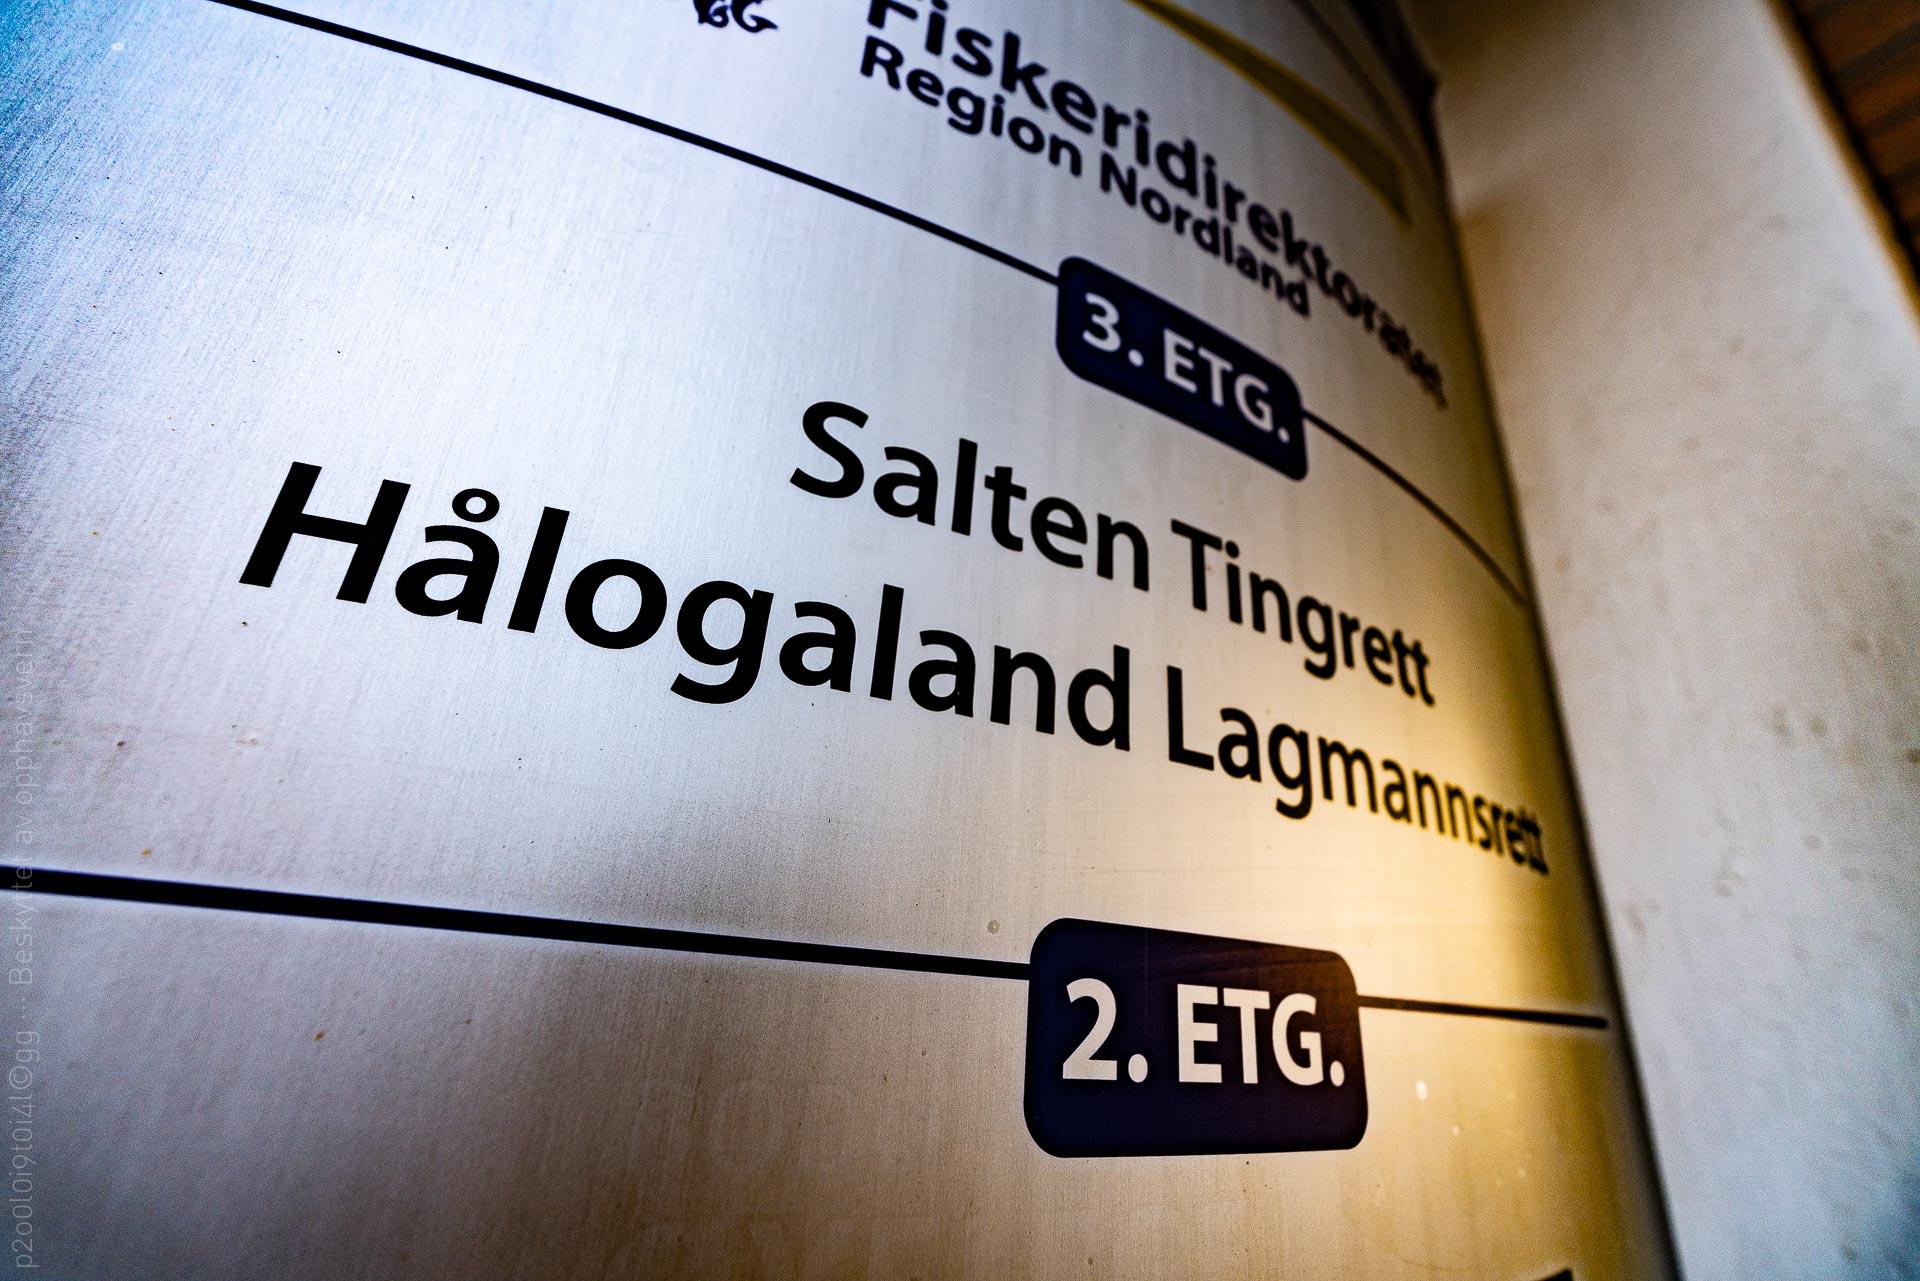 Salten tingrett og Hålogaland lagmannsrett